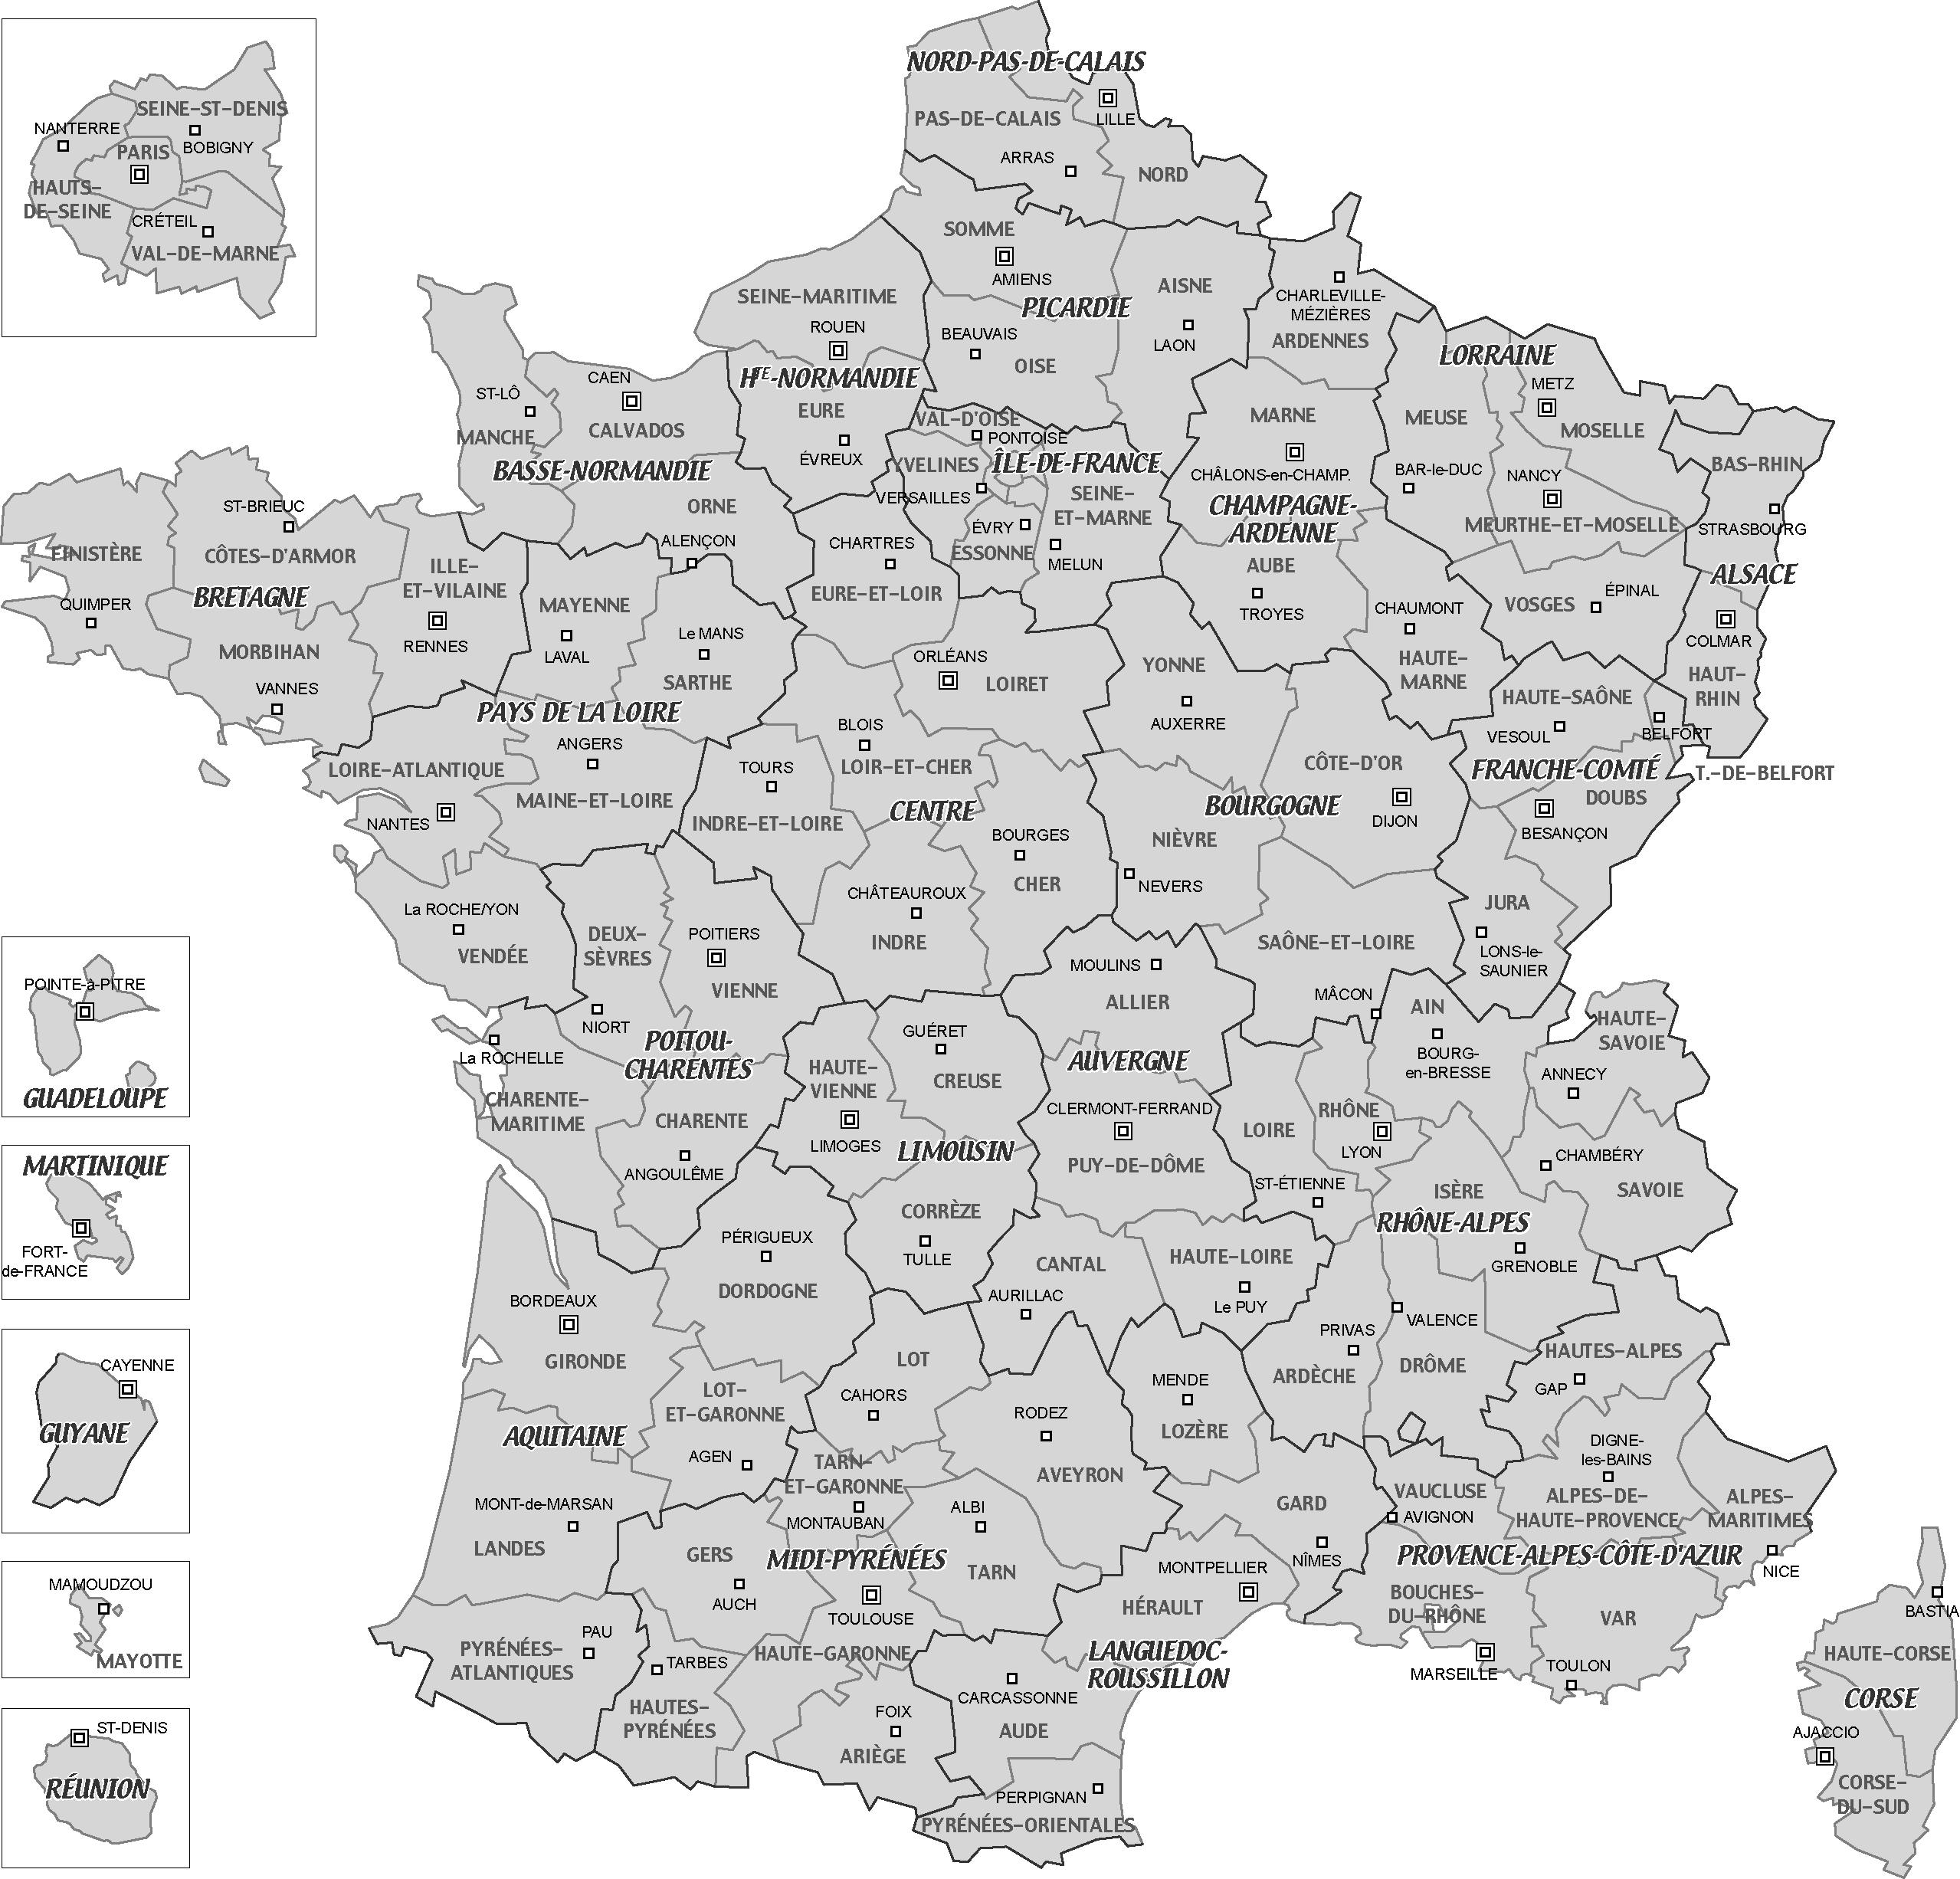 Cartes De France, Cartes Et Rmations Des Régions intérieur La Carte De France Et Ses Régions